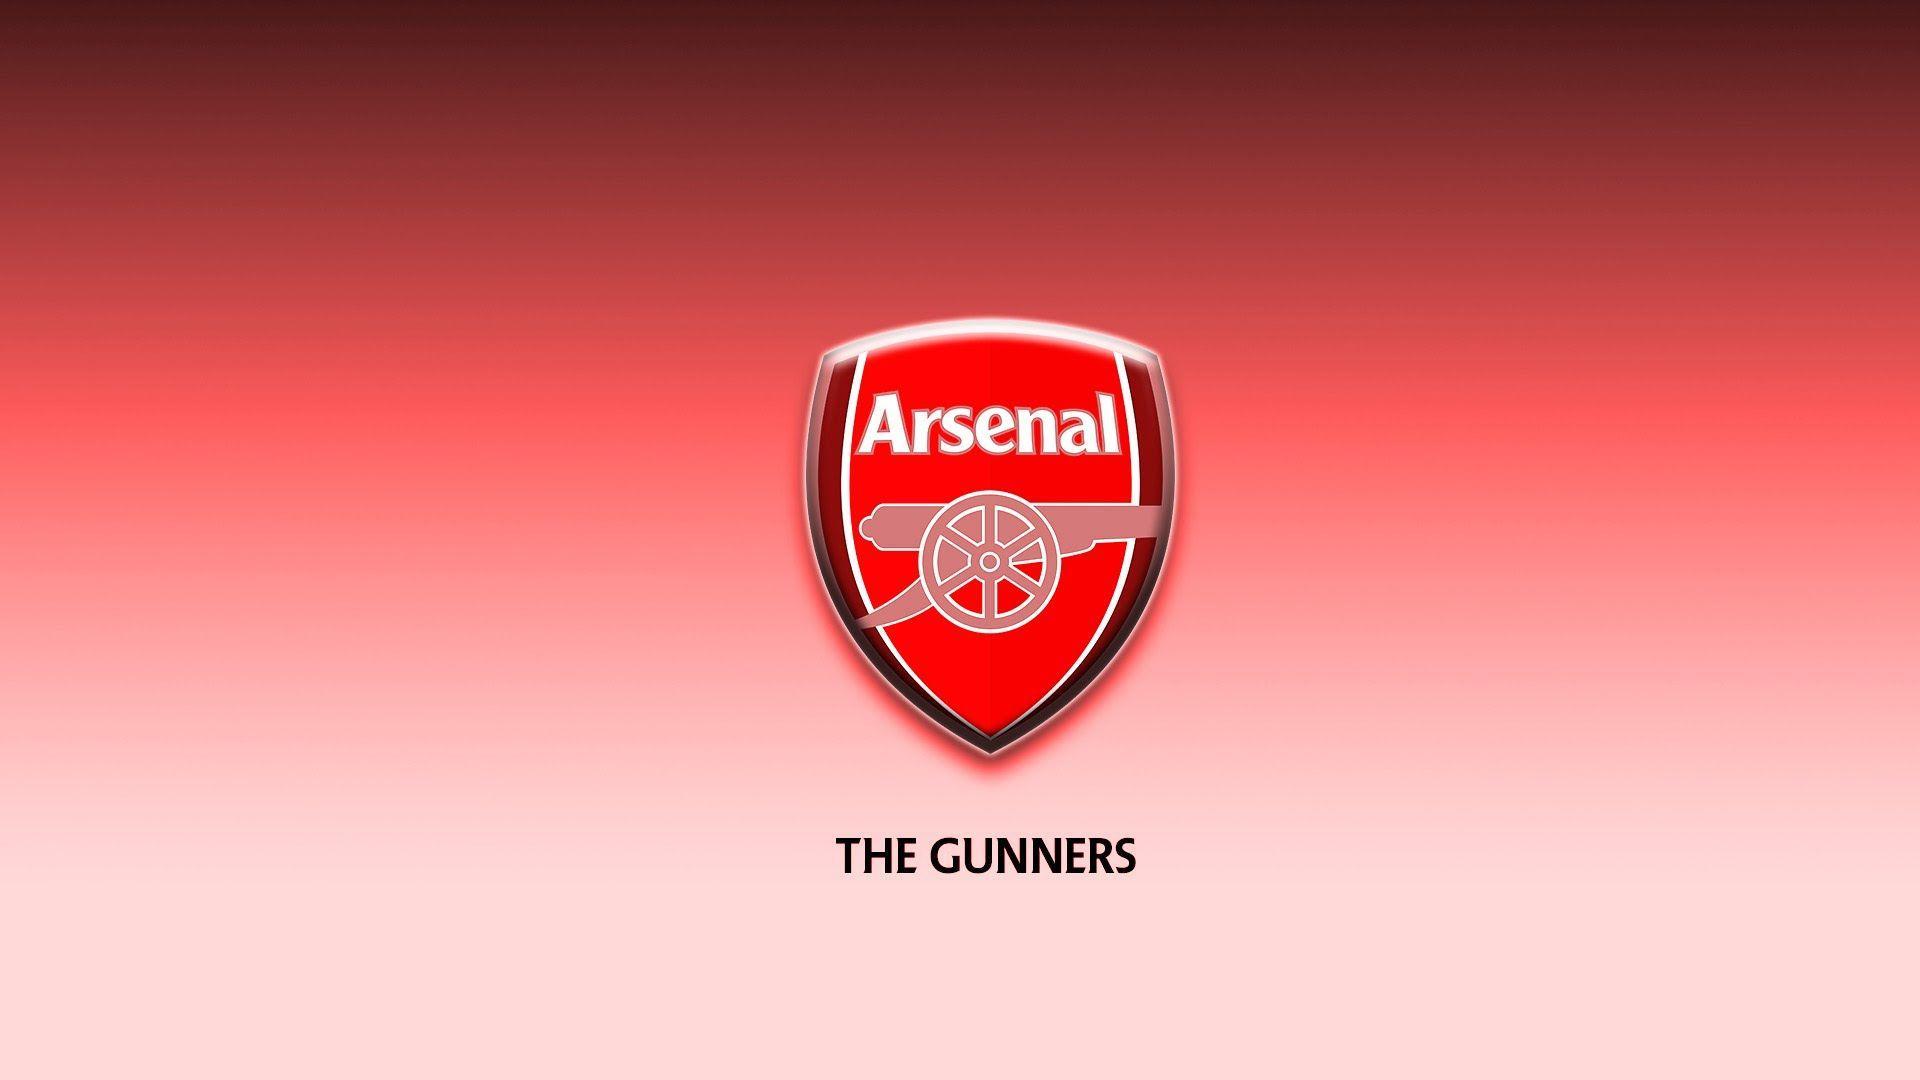 Arsenal Logo Desktop Wallpapers Top Free Arsenal Logo Desktop